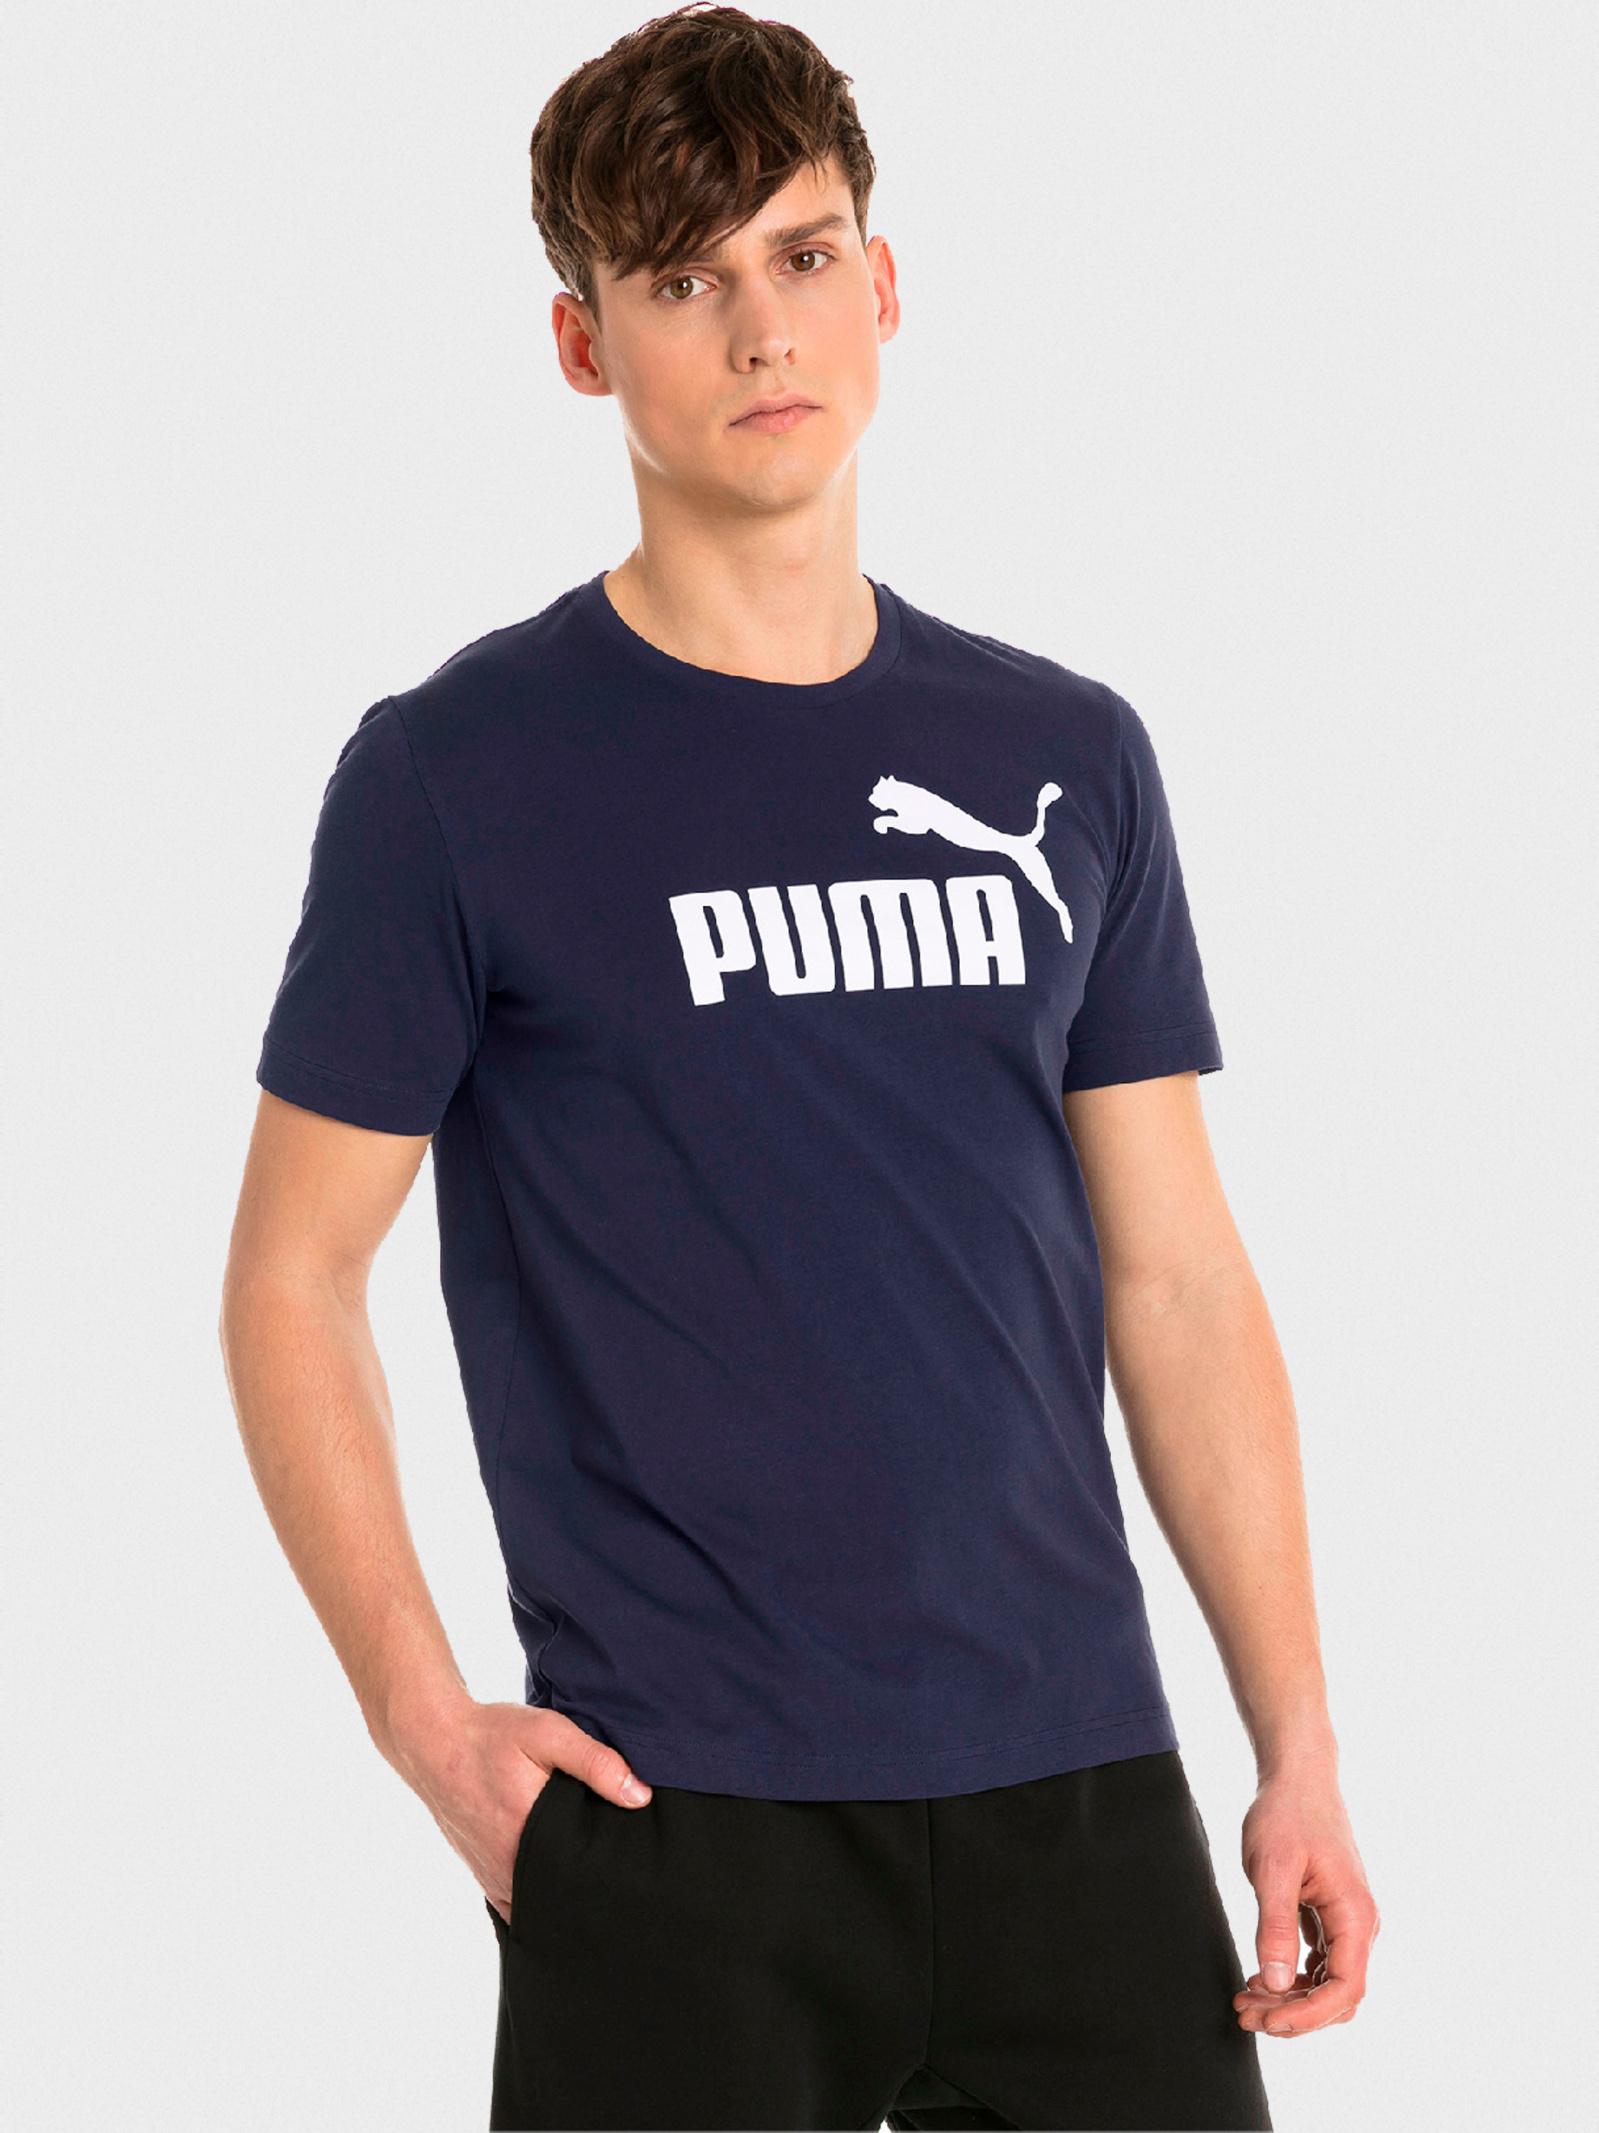 PUMA Футболка чоловічі модель 85174006 купити, 2017